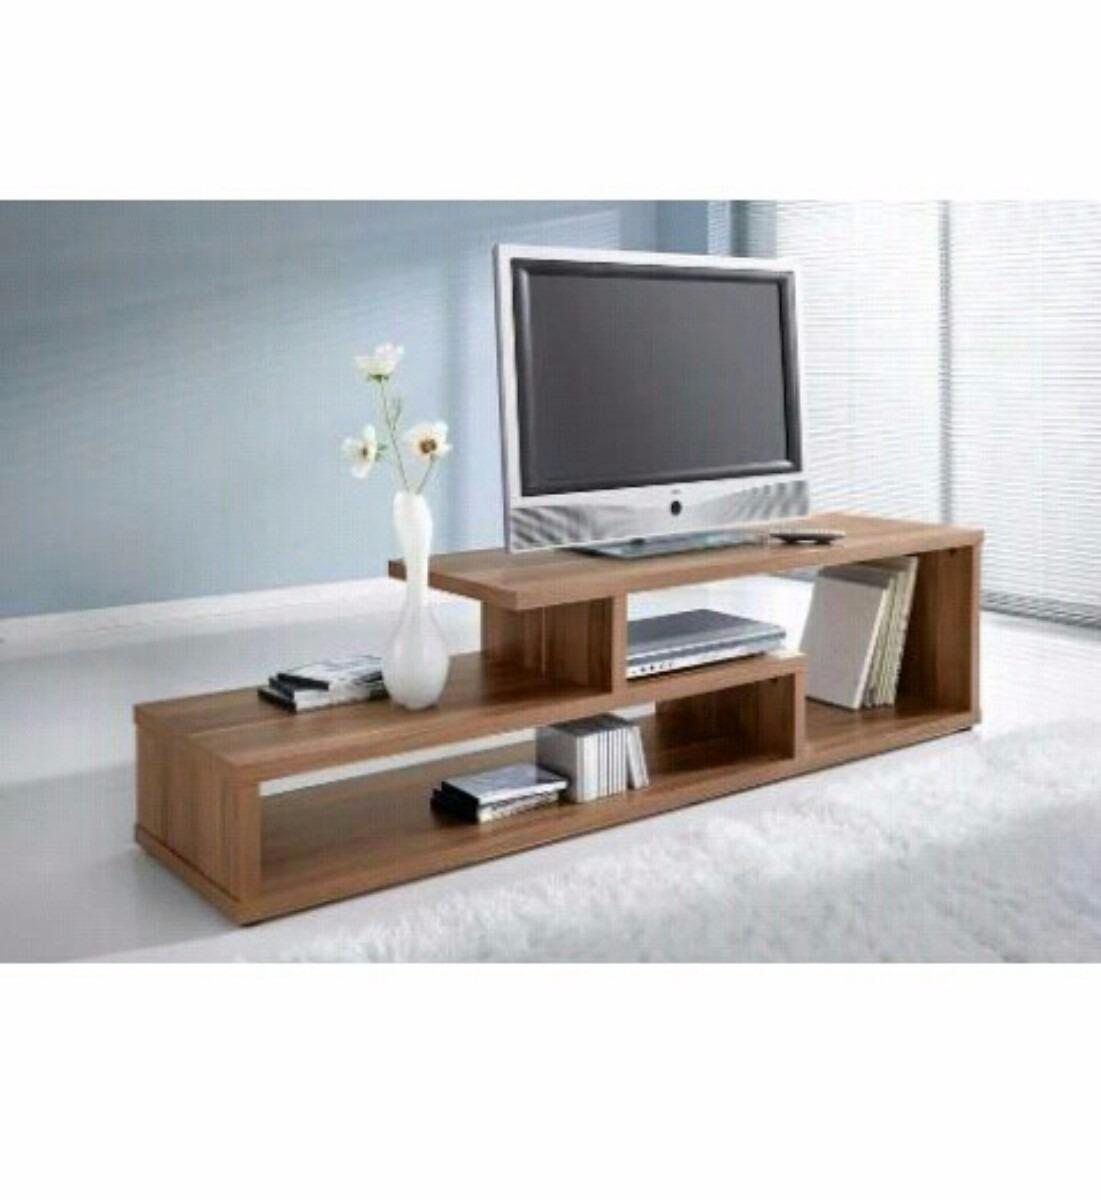 Centro de entretenimiento mueble para tv minimalista for Muebles de sala de entretenimiento